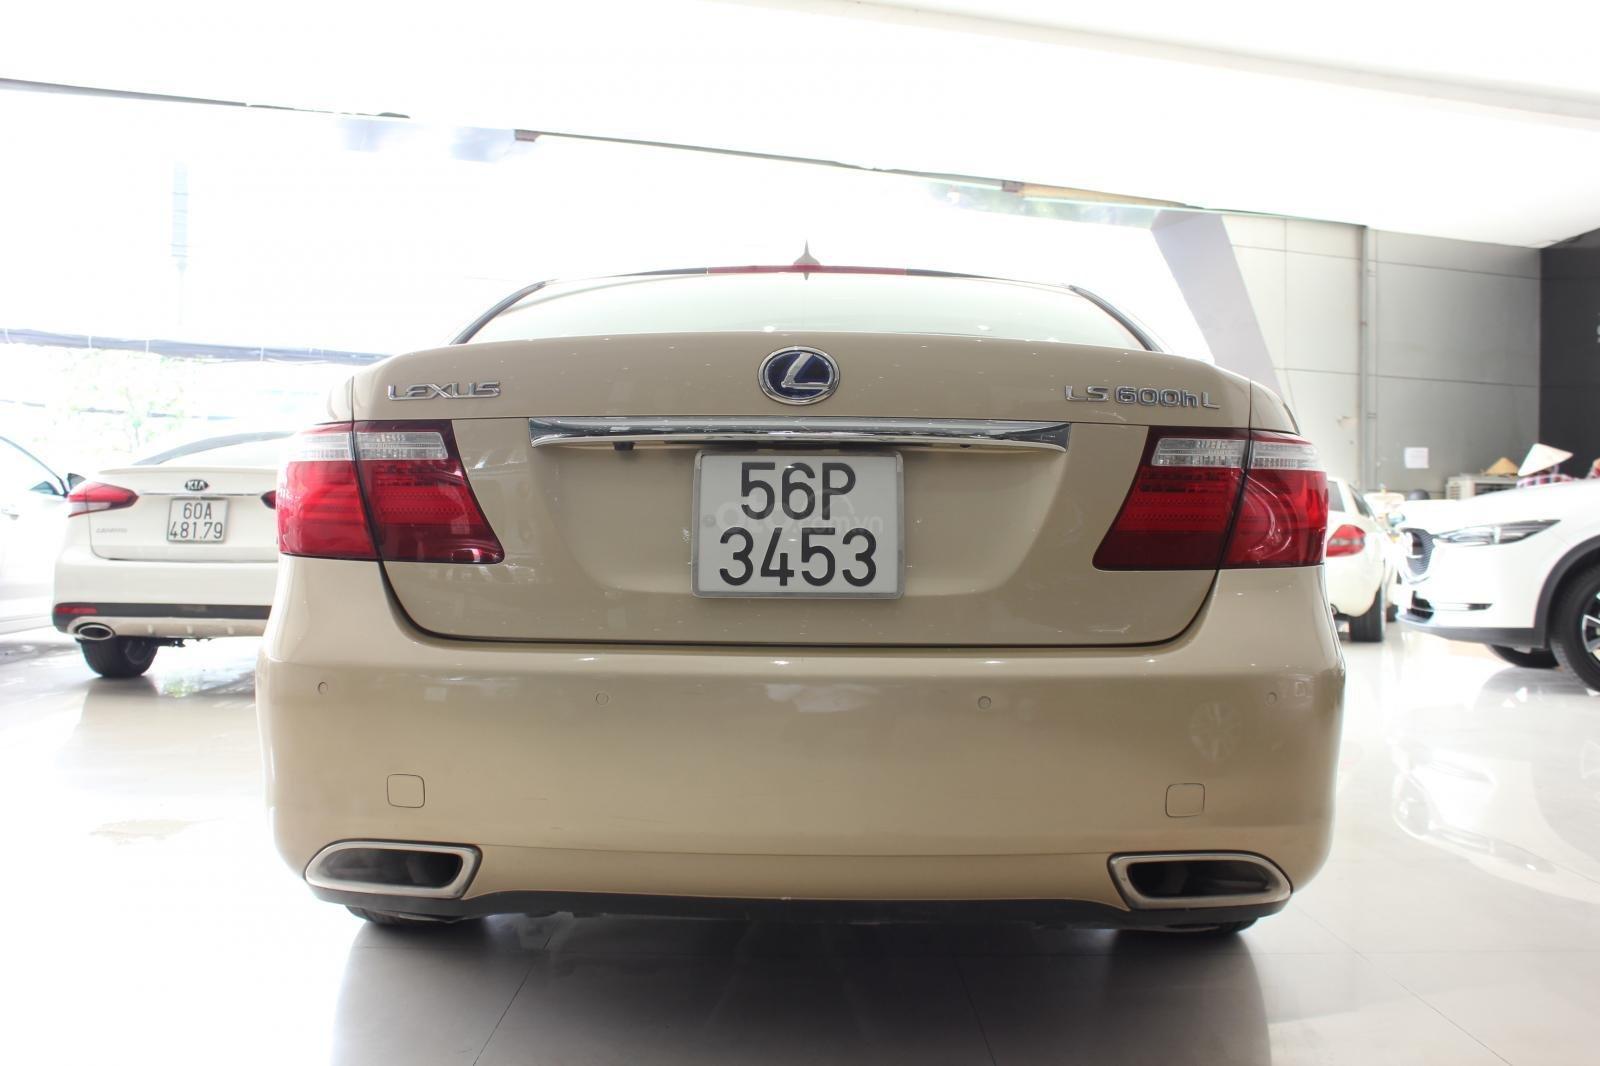 Cần bán xe Lexus LS 600HL 5.0 xăng điện 2008, màu vàng, nhập khẩu (5)